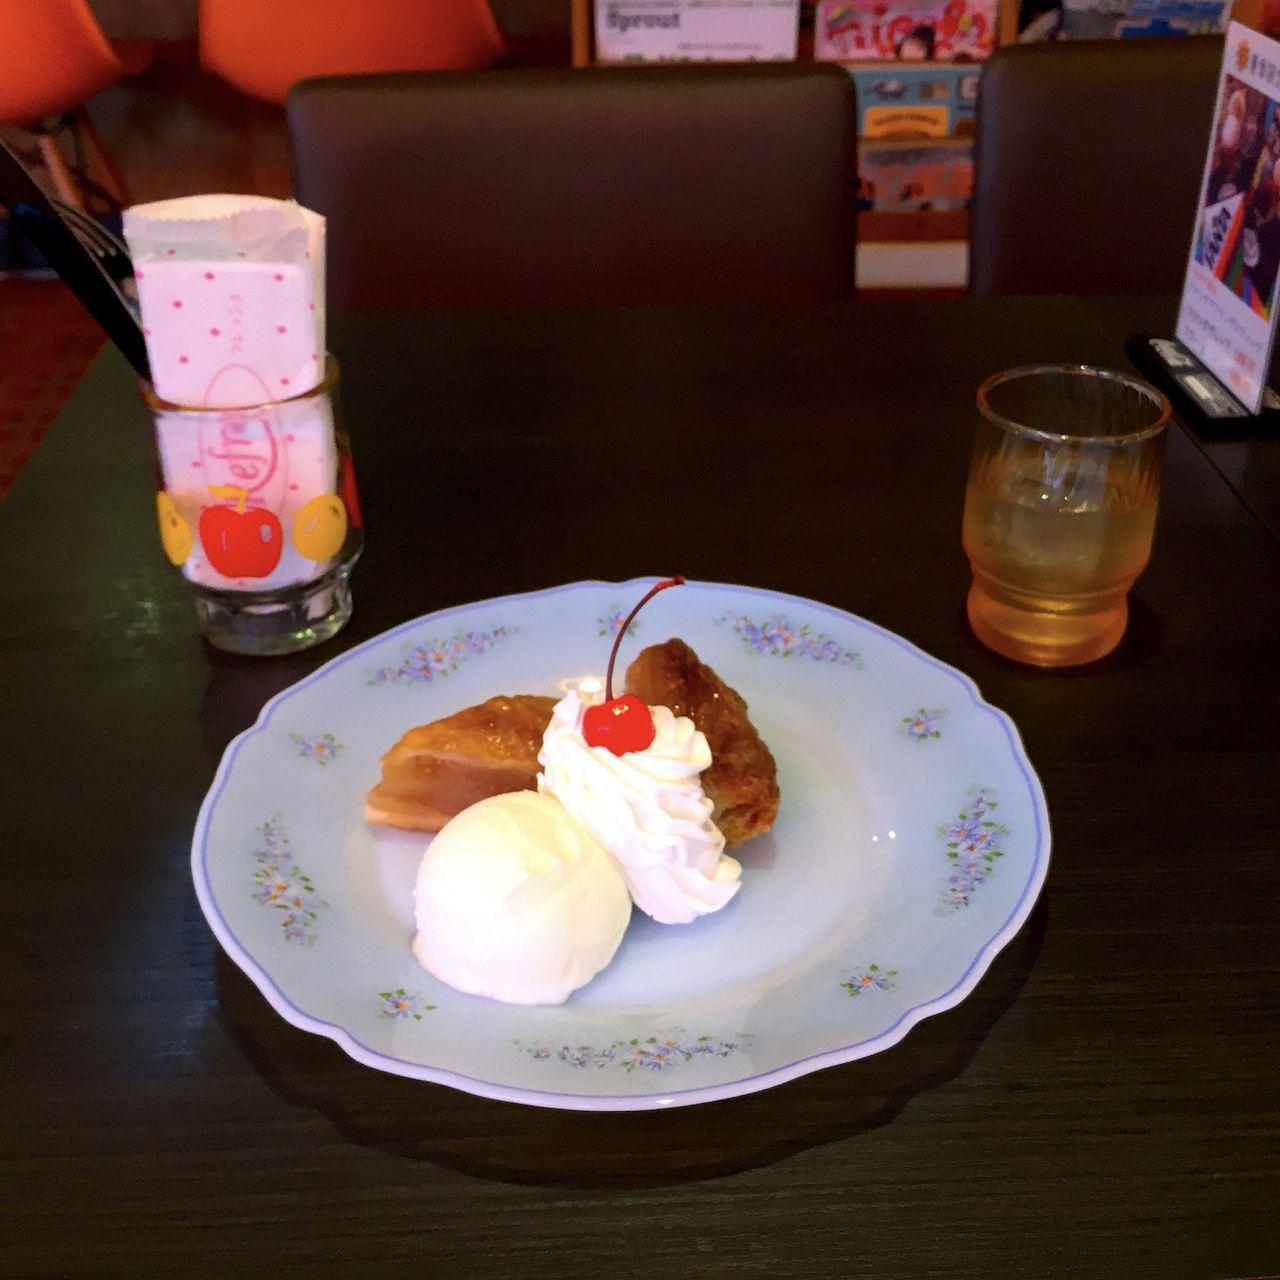 アップルパイ クリームとアイスが添えてあります